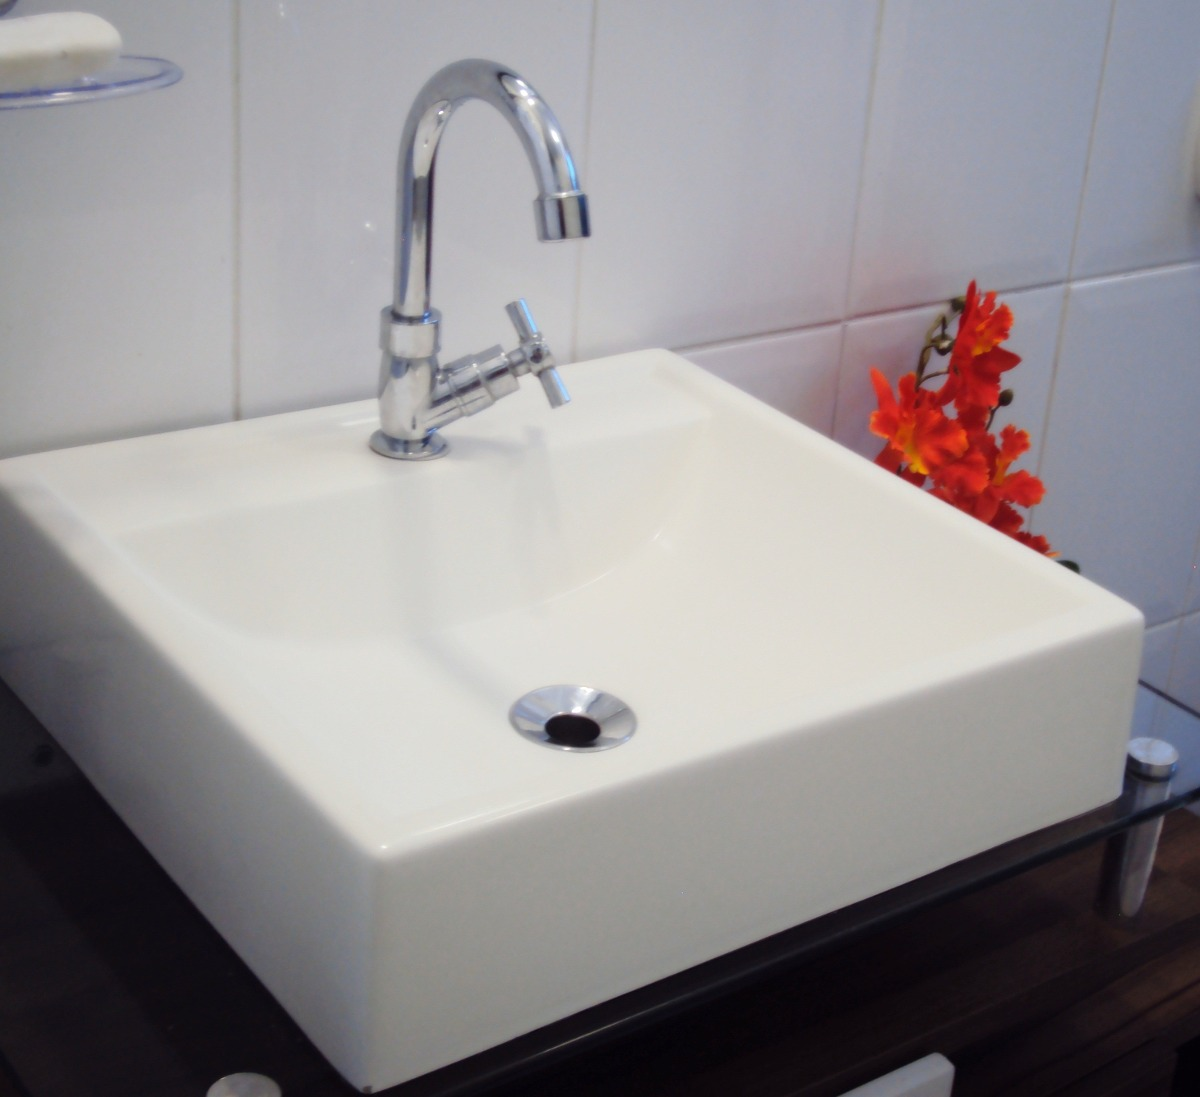 Pia Cuba Sobrepor Para Banheiro  R$ 99,90 no MercadoLivre -> Torneiras Para Banheiro Cuba Sobrepor